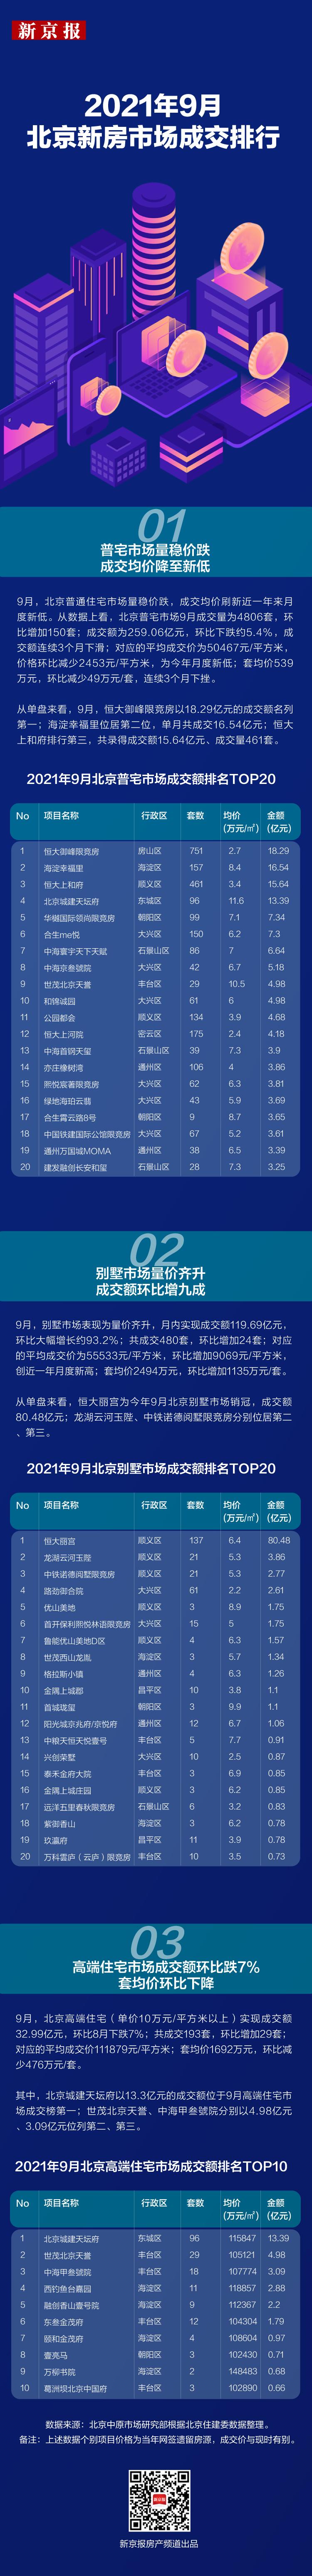 """""""金九""""北京新房市场""""褪色"""" 哪些楼盘逆市热销?"""